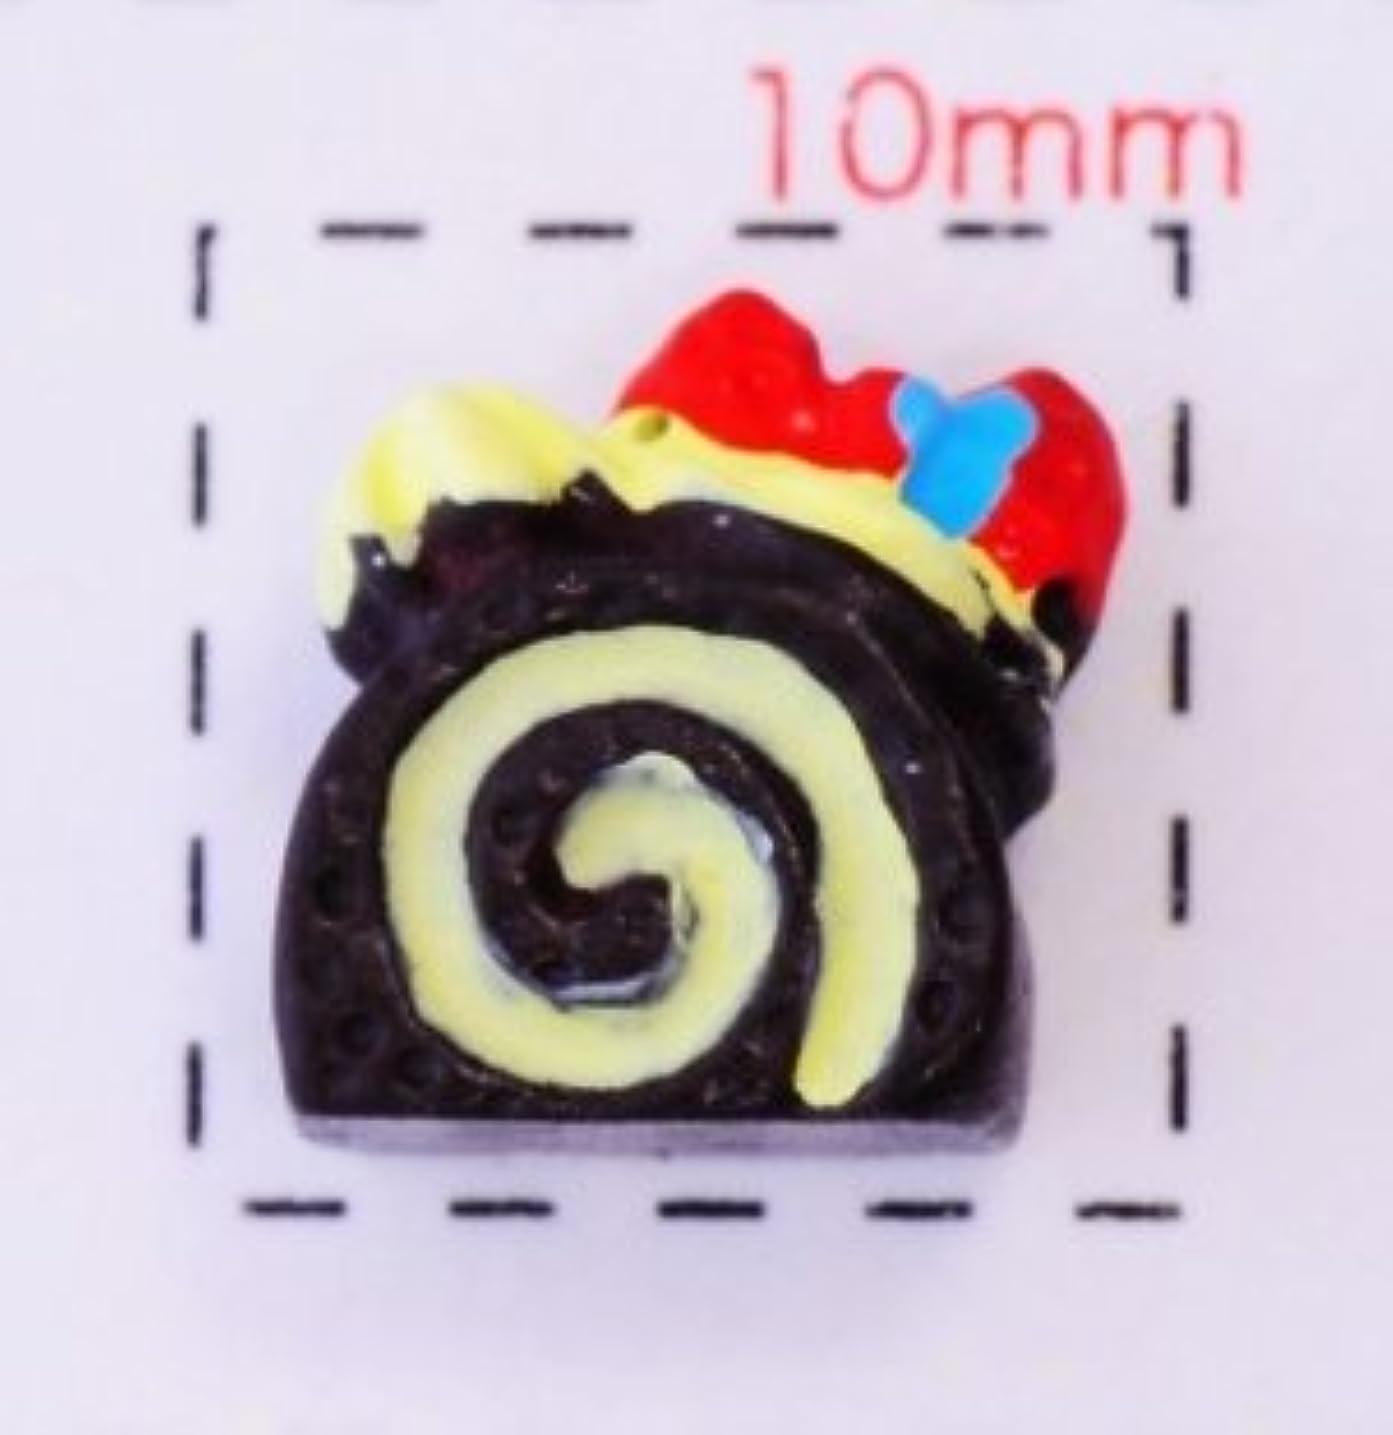 控えめな深い歴史的チョコロールケーキ8×4ミリ 《ネイル?デコ電スイーツパーツ》4個入